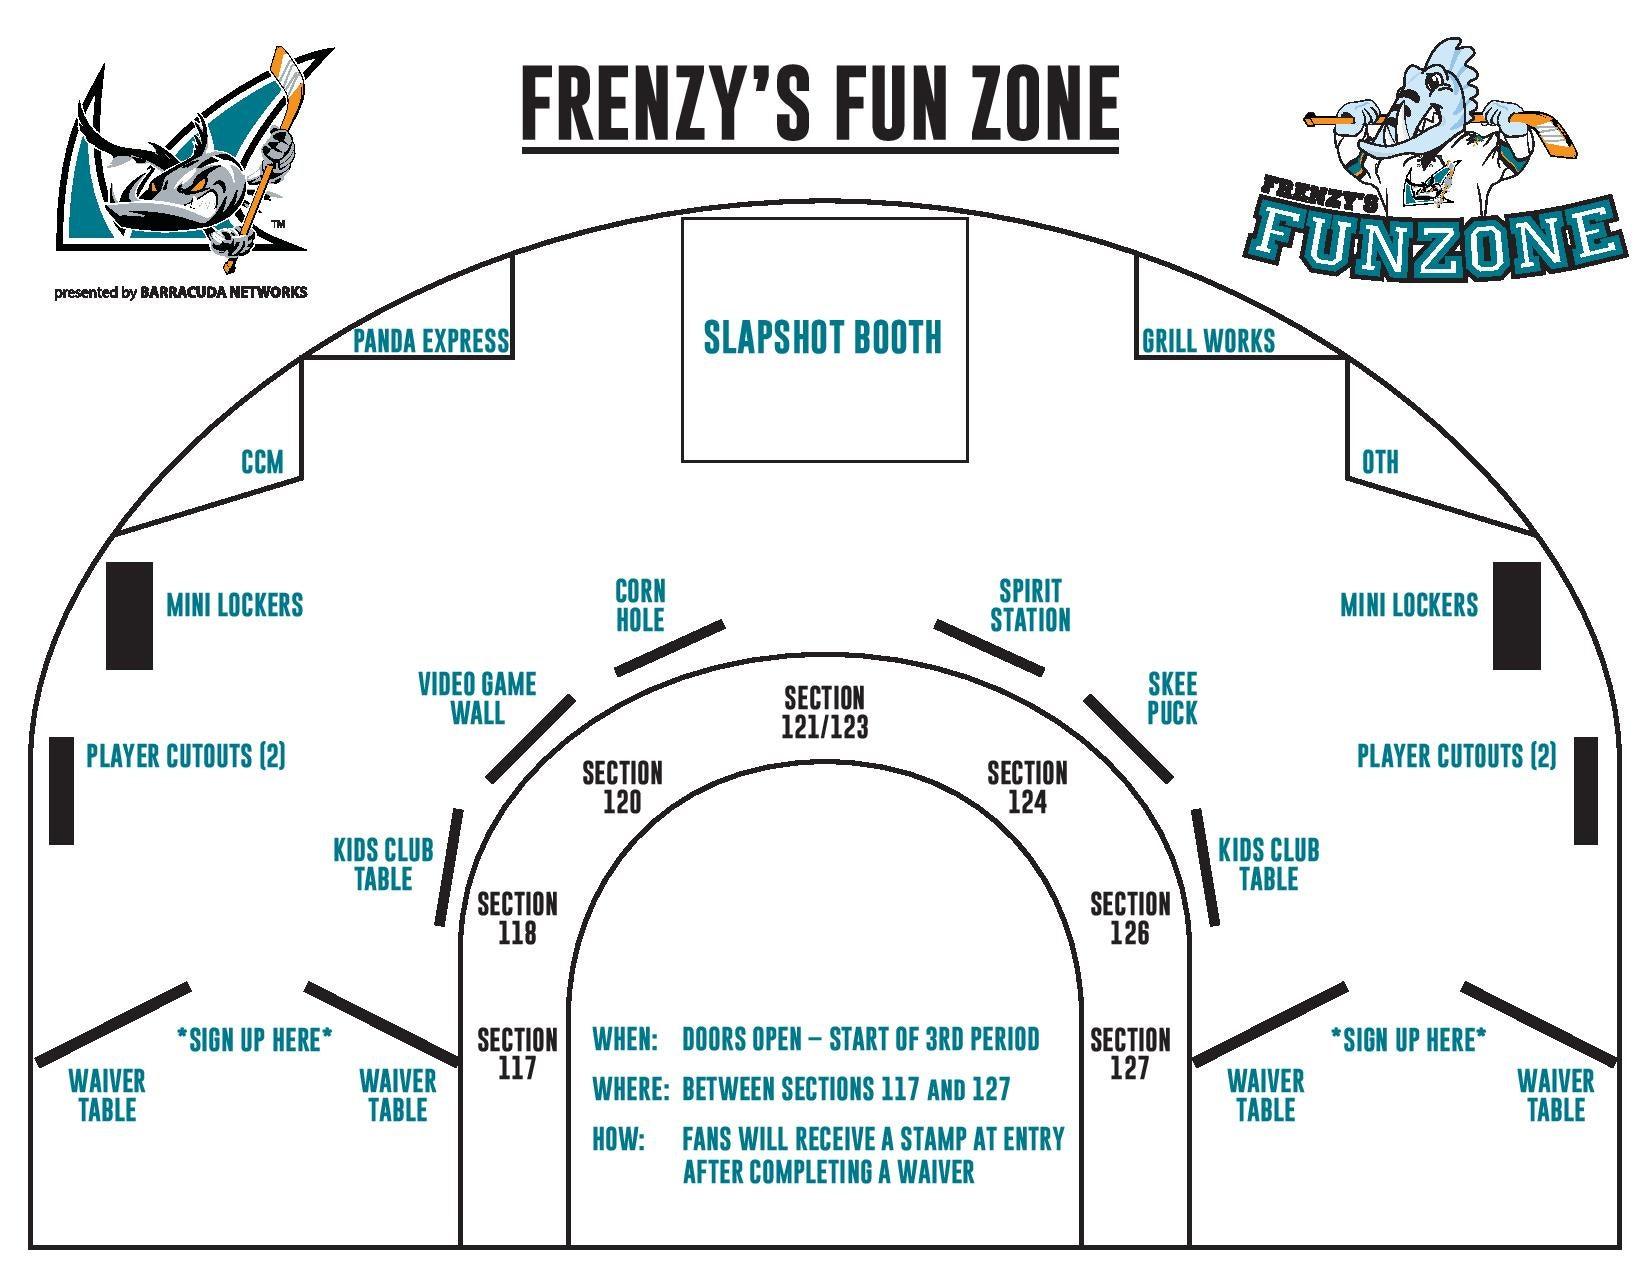 SJB_FrenzyFunzone_Map-page-001.jpg